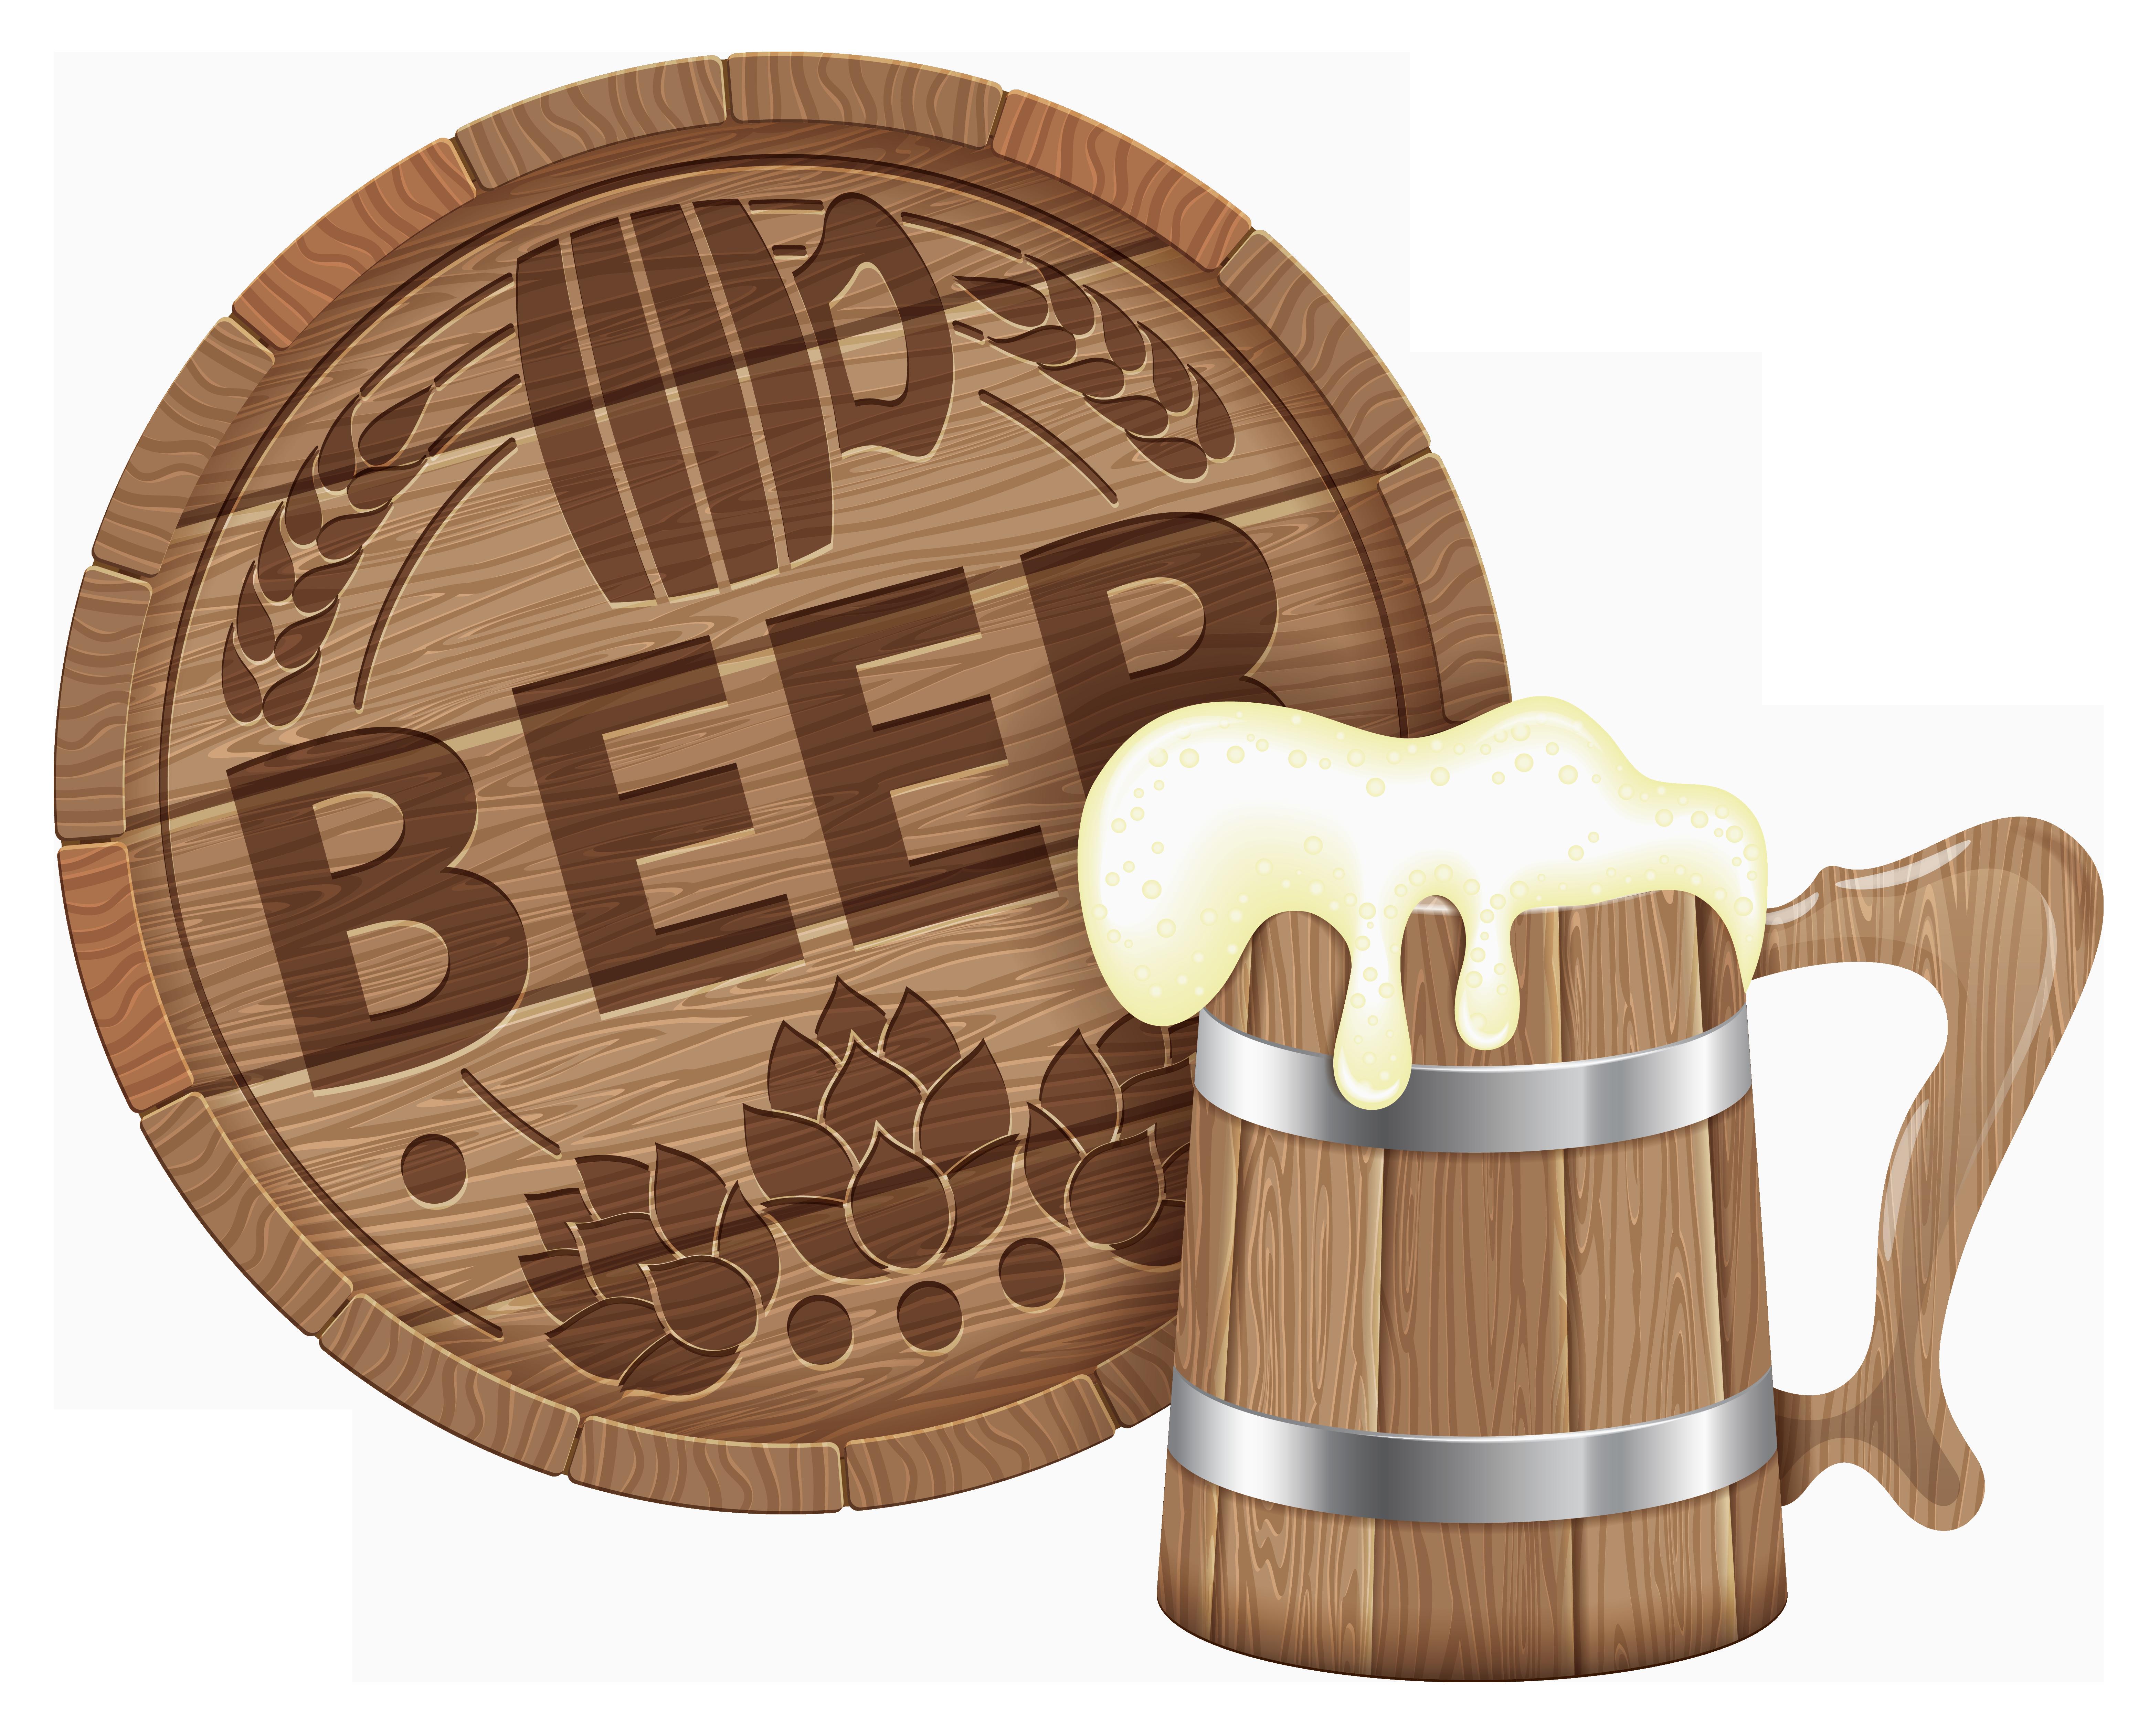 Barrel clipart transparent background. Oktoberfest beer and mug